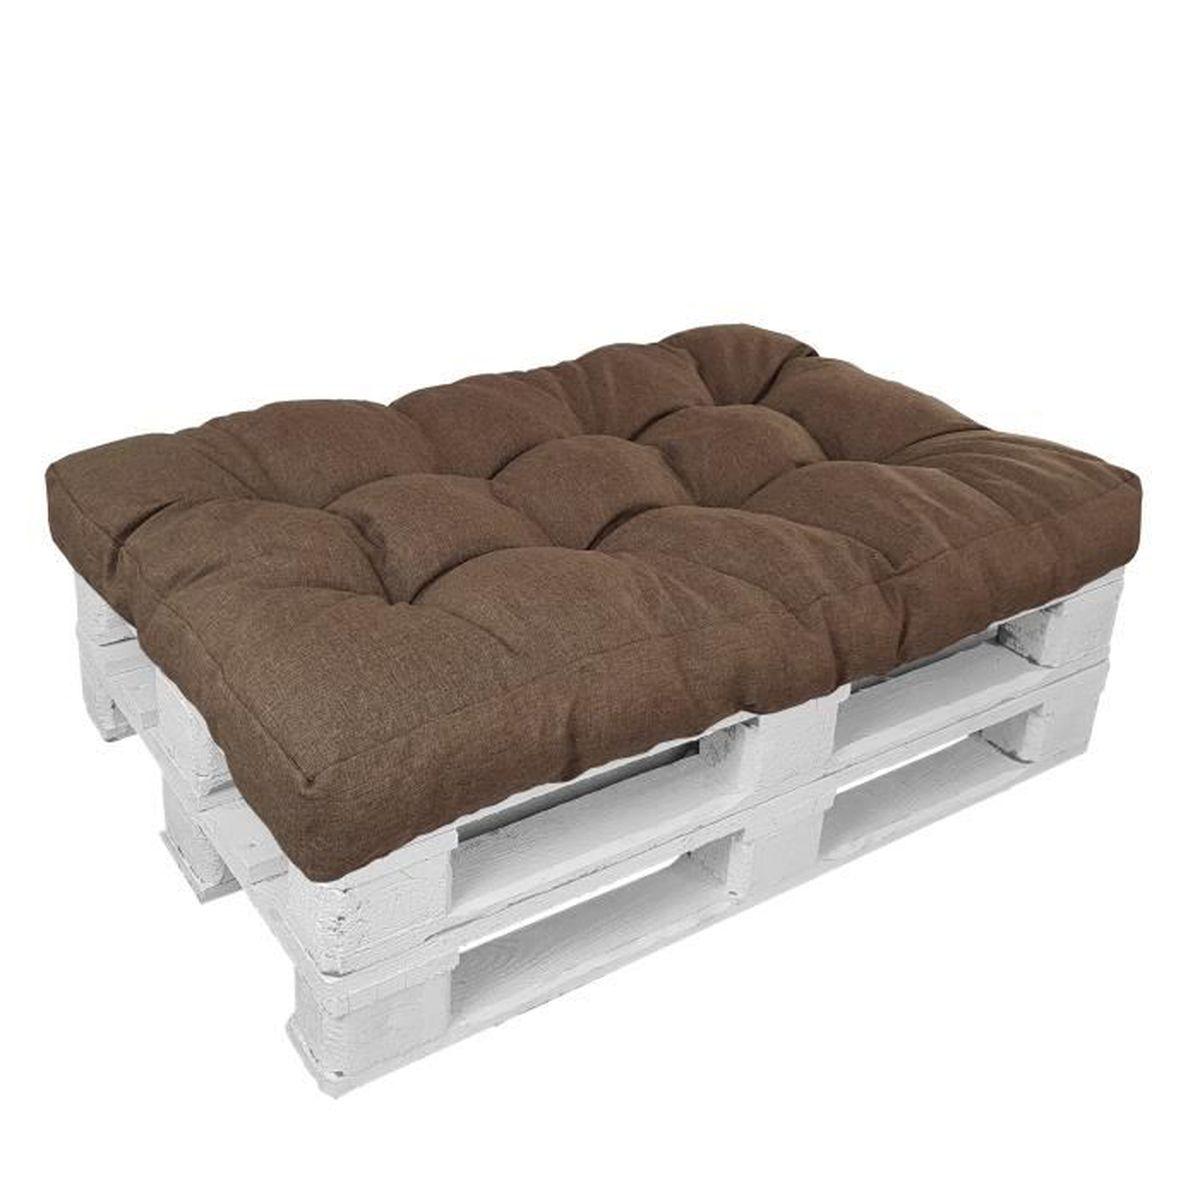 Canapé En Toile De Jute coussin d'assise 120x80x15cm taupe pour canape euro palette